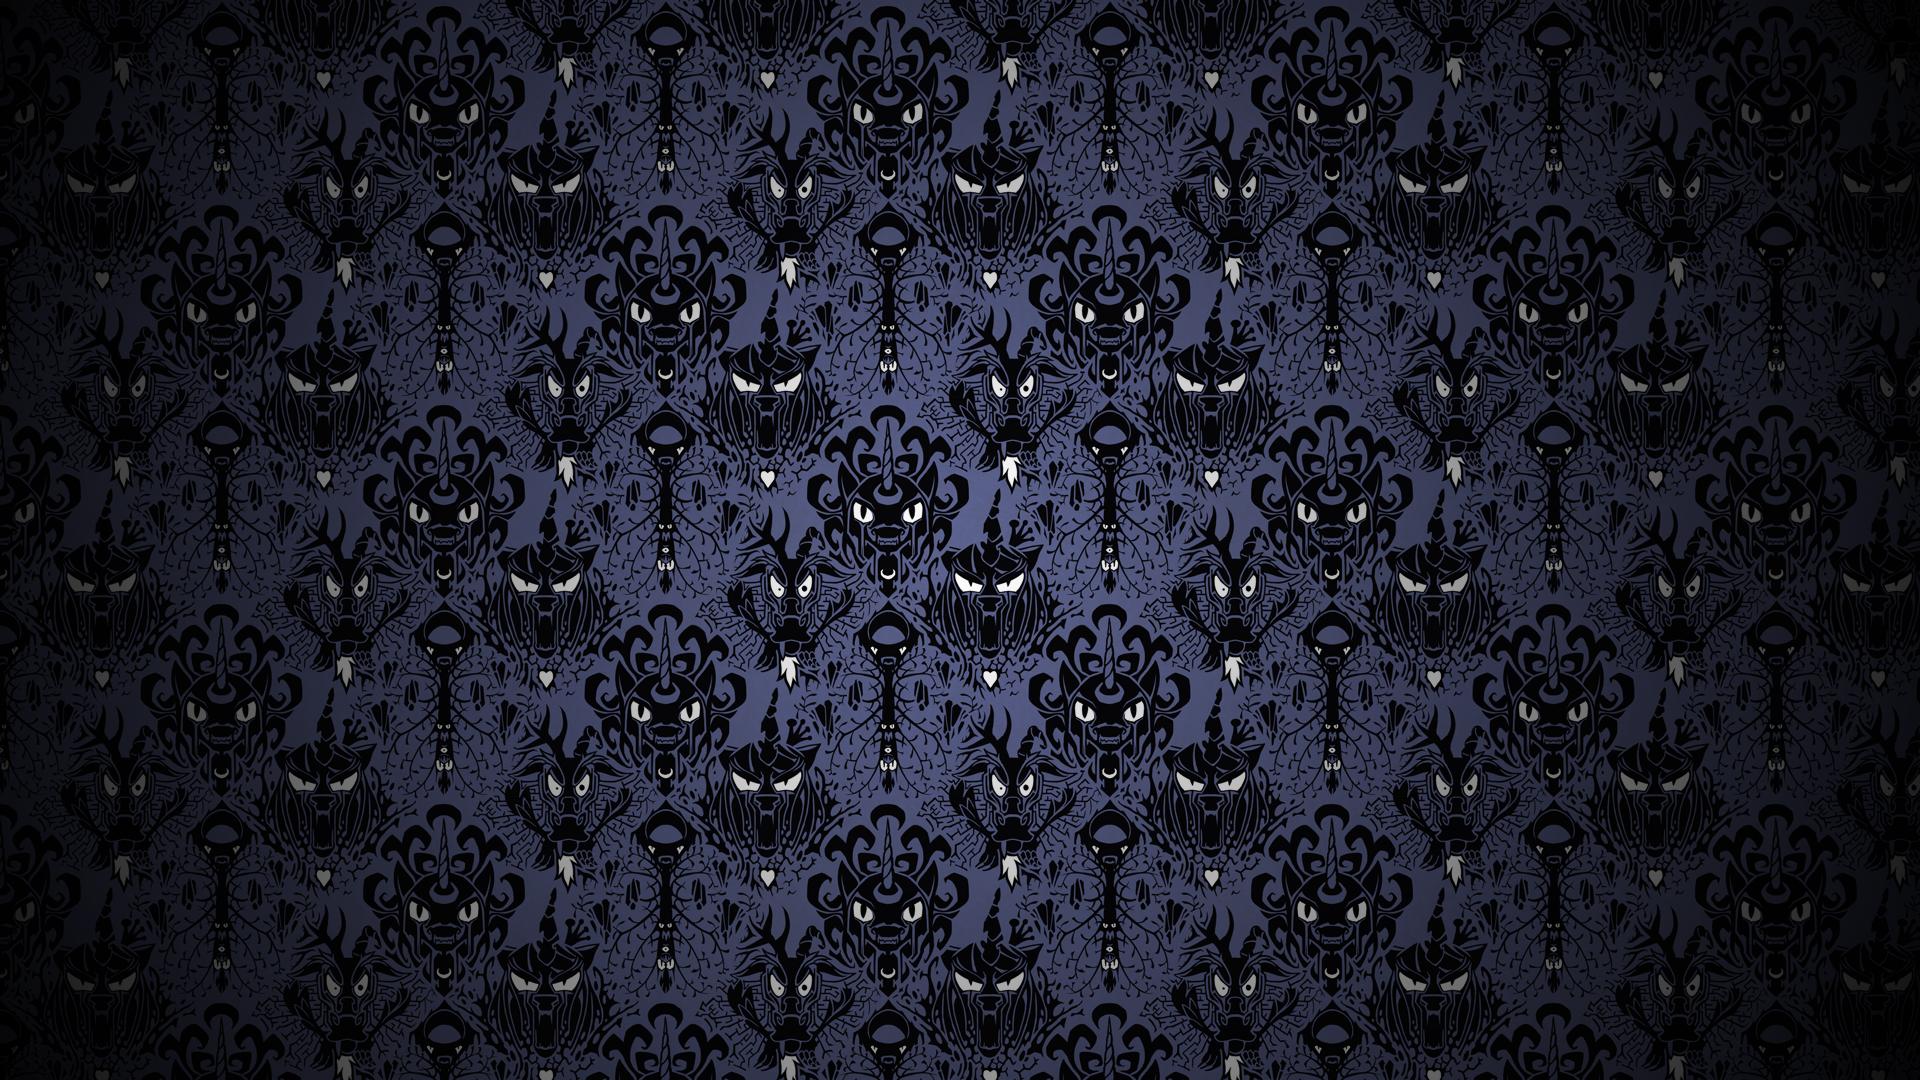 Disney Haunted Mansion Desktop Wallpaper Image type imagepng 1920x1080